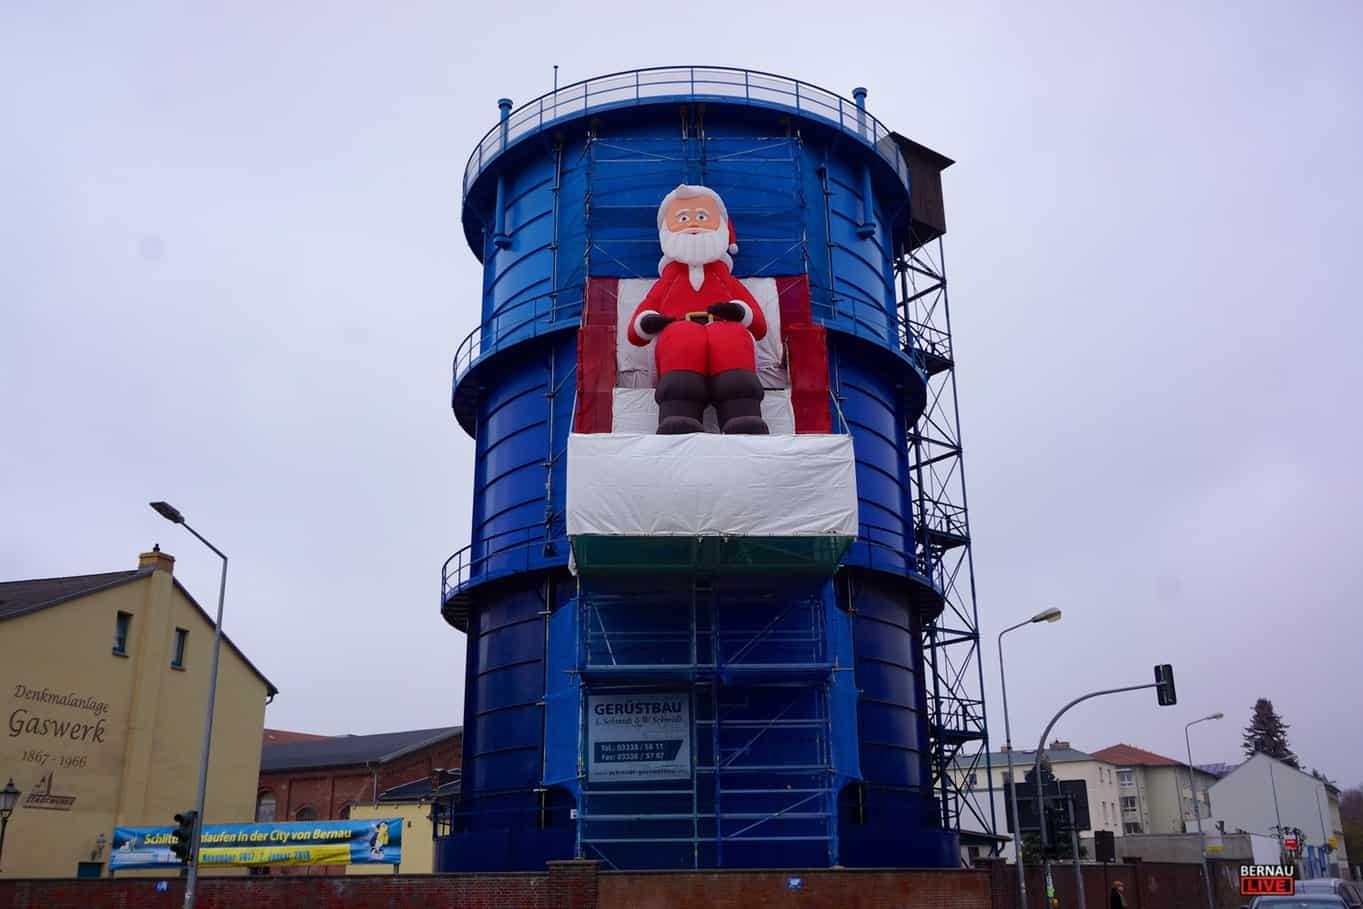 ist wieder da! Unser Weihnachtsmann am Gaskessel in Bernau